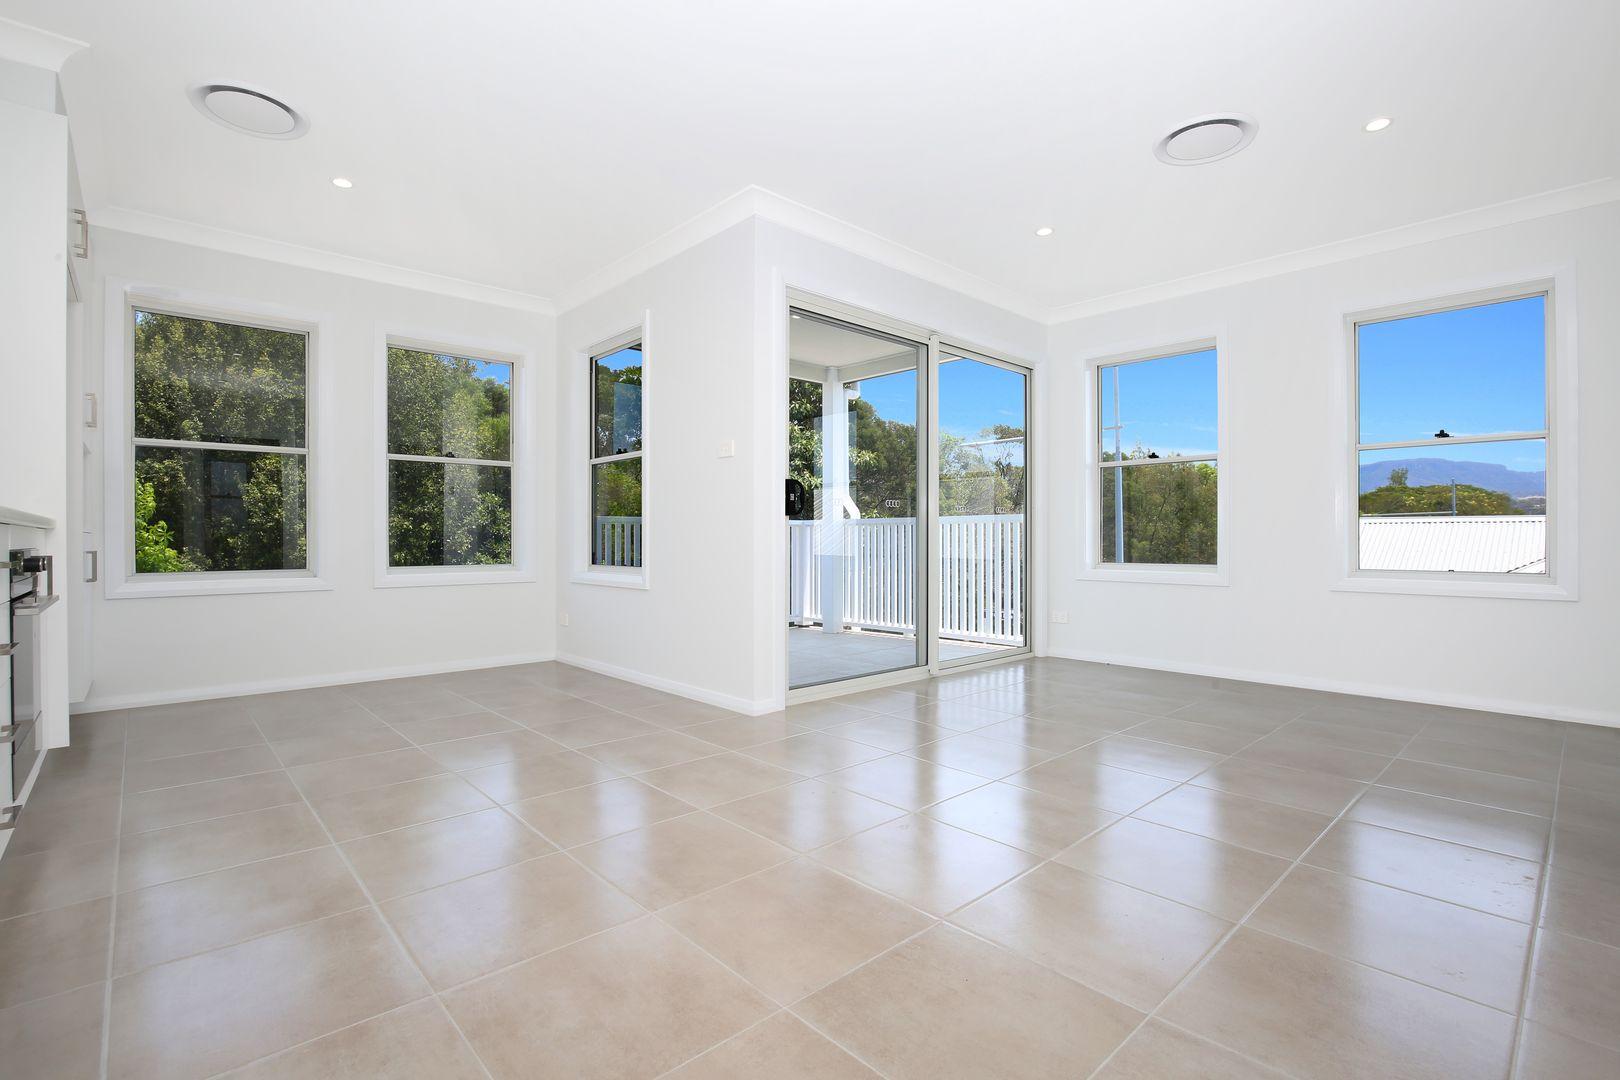 36A Wongawilli  Street, Tullimbar NSW 2527, Image 2